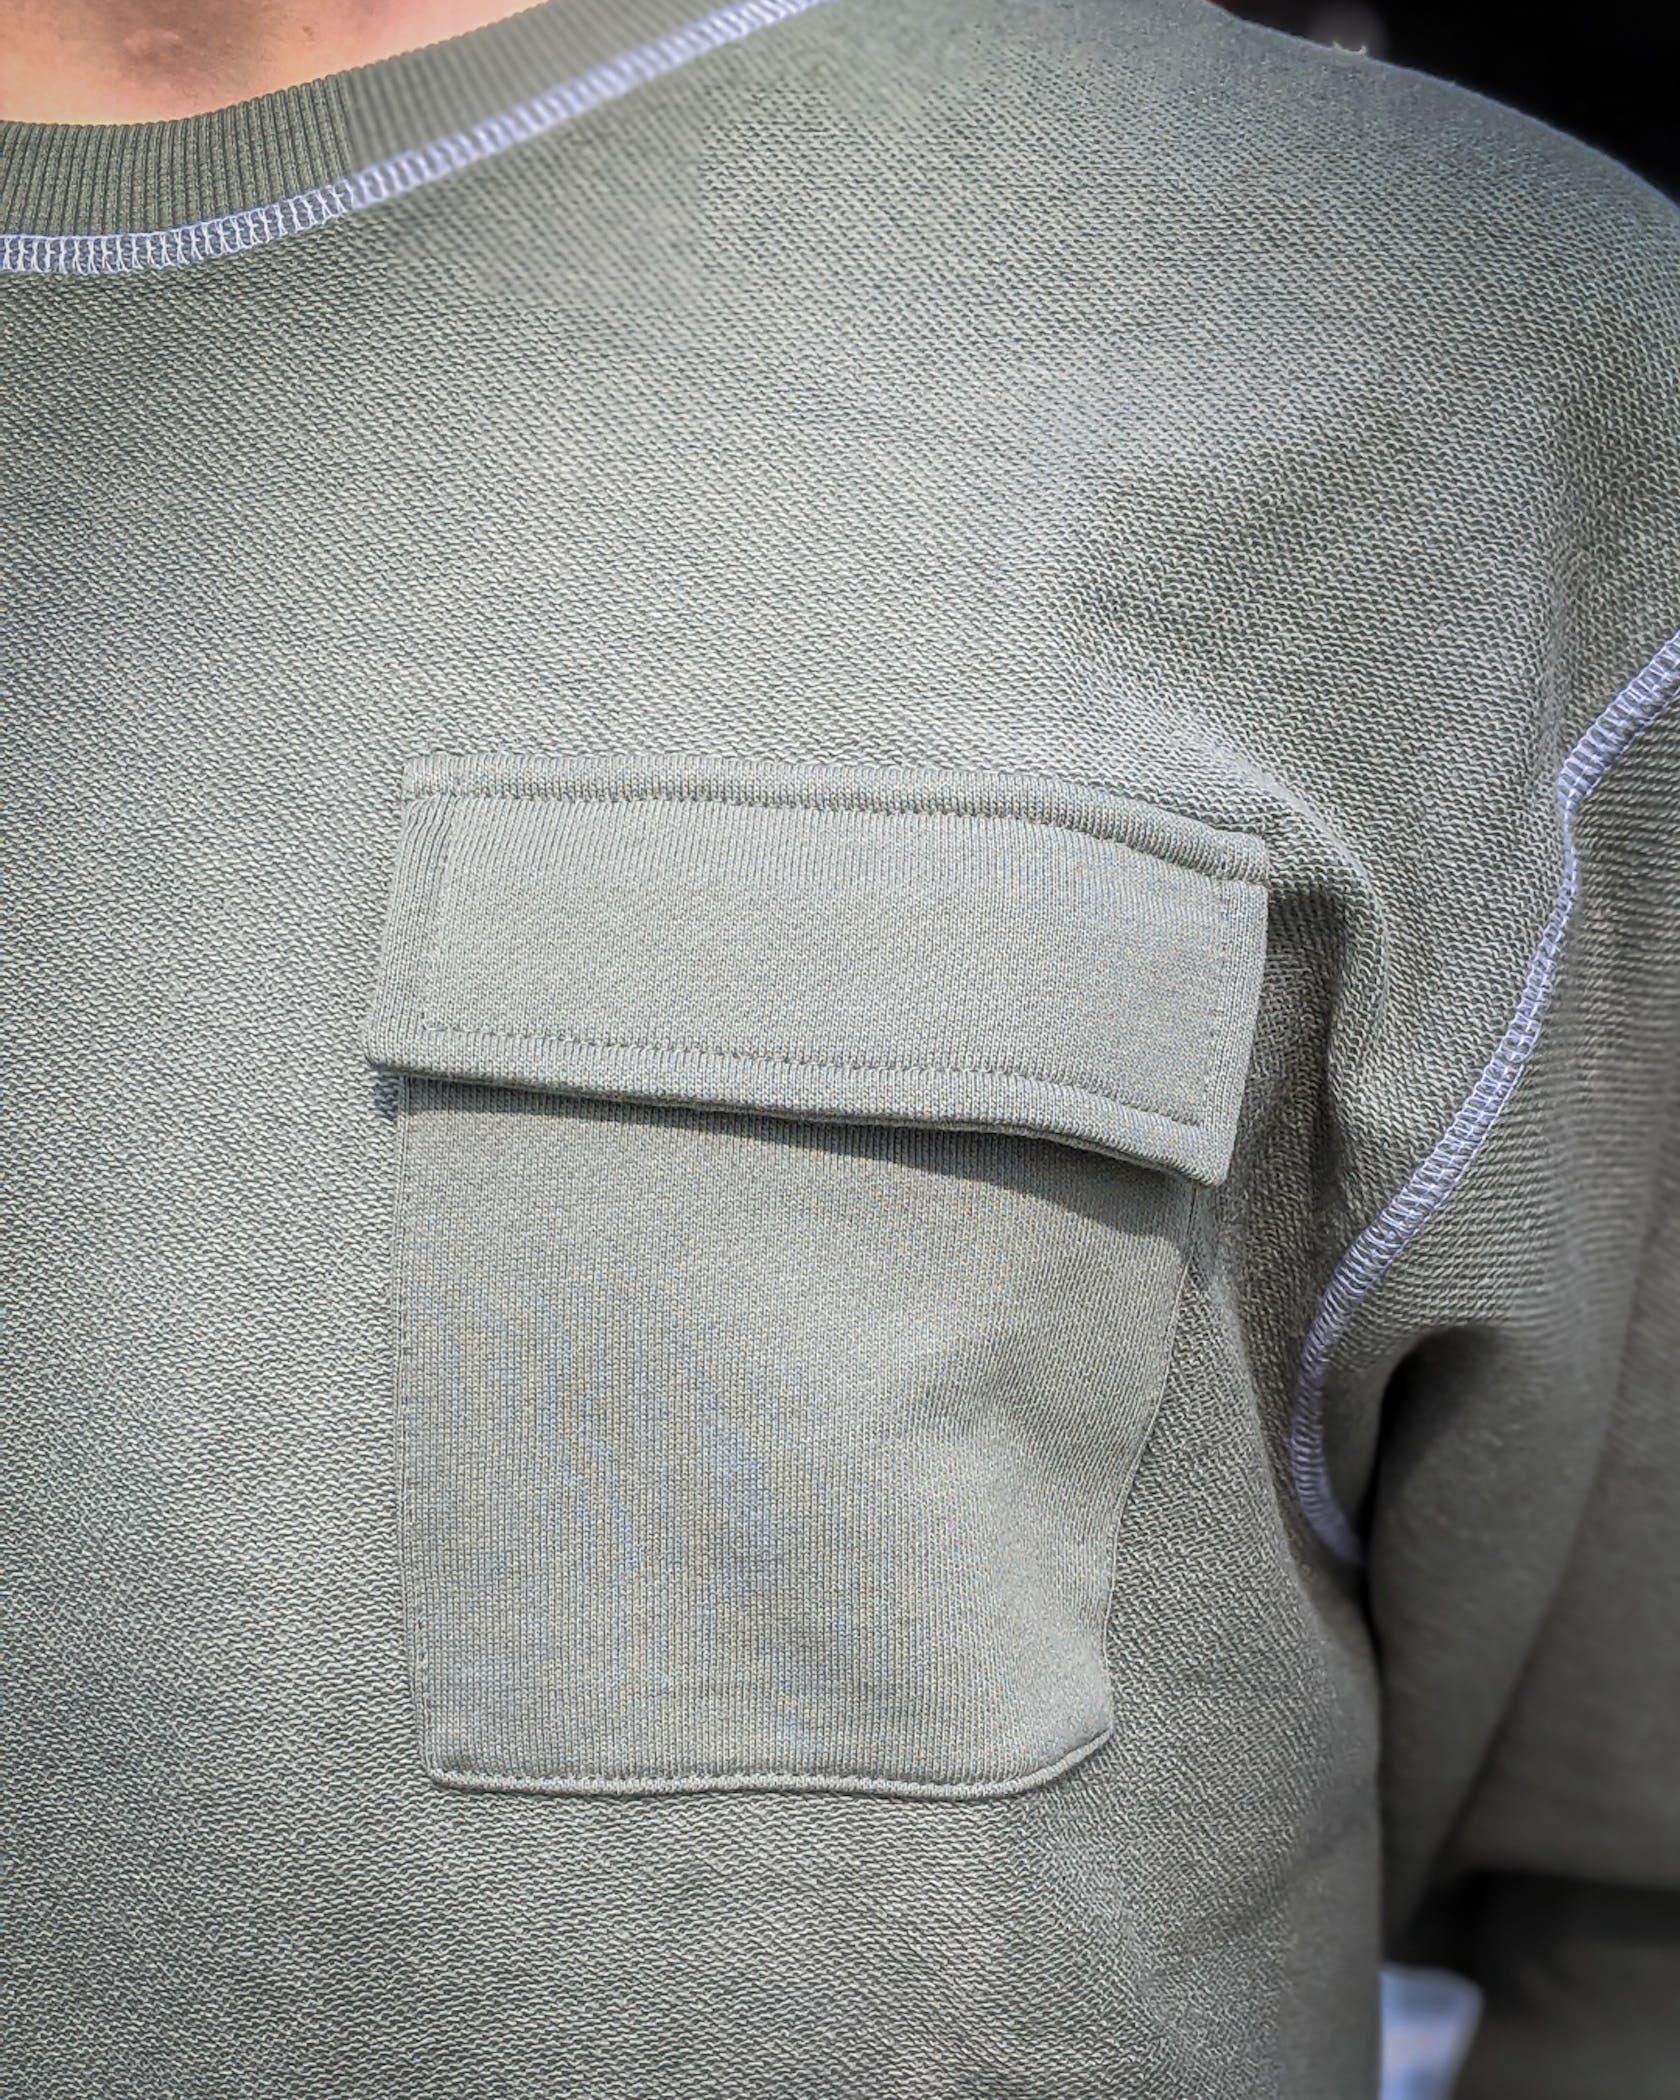 grünes Sweatshirt mit aufgesetzter Brusttasche